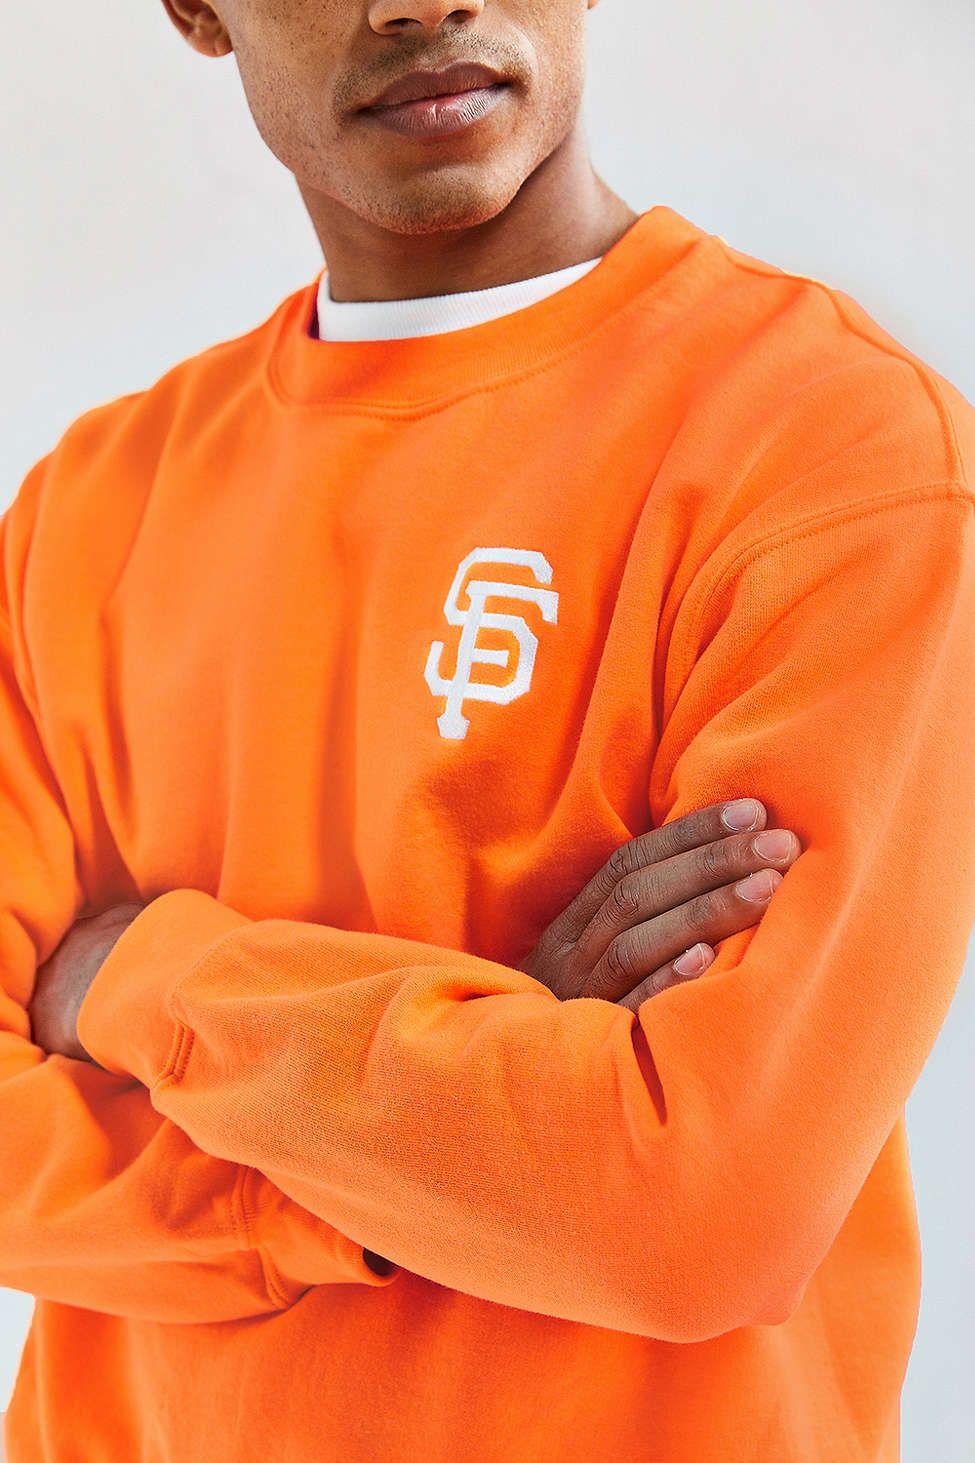 Predownload: San Francisco Giants Fleece Crew Neck Sweatshirt Crew Neck Sweatshirt Sweatshirts Long Sleeve Tshirt Men [ 1463 x 975 Pixel ]